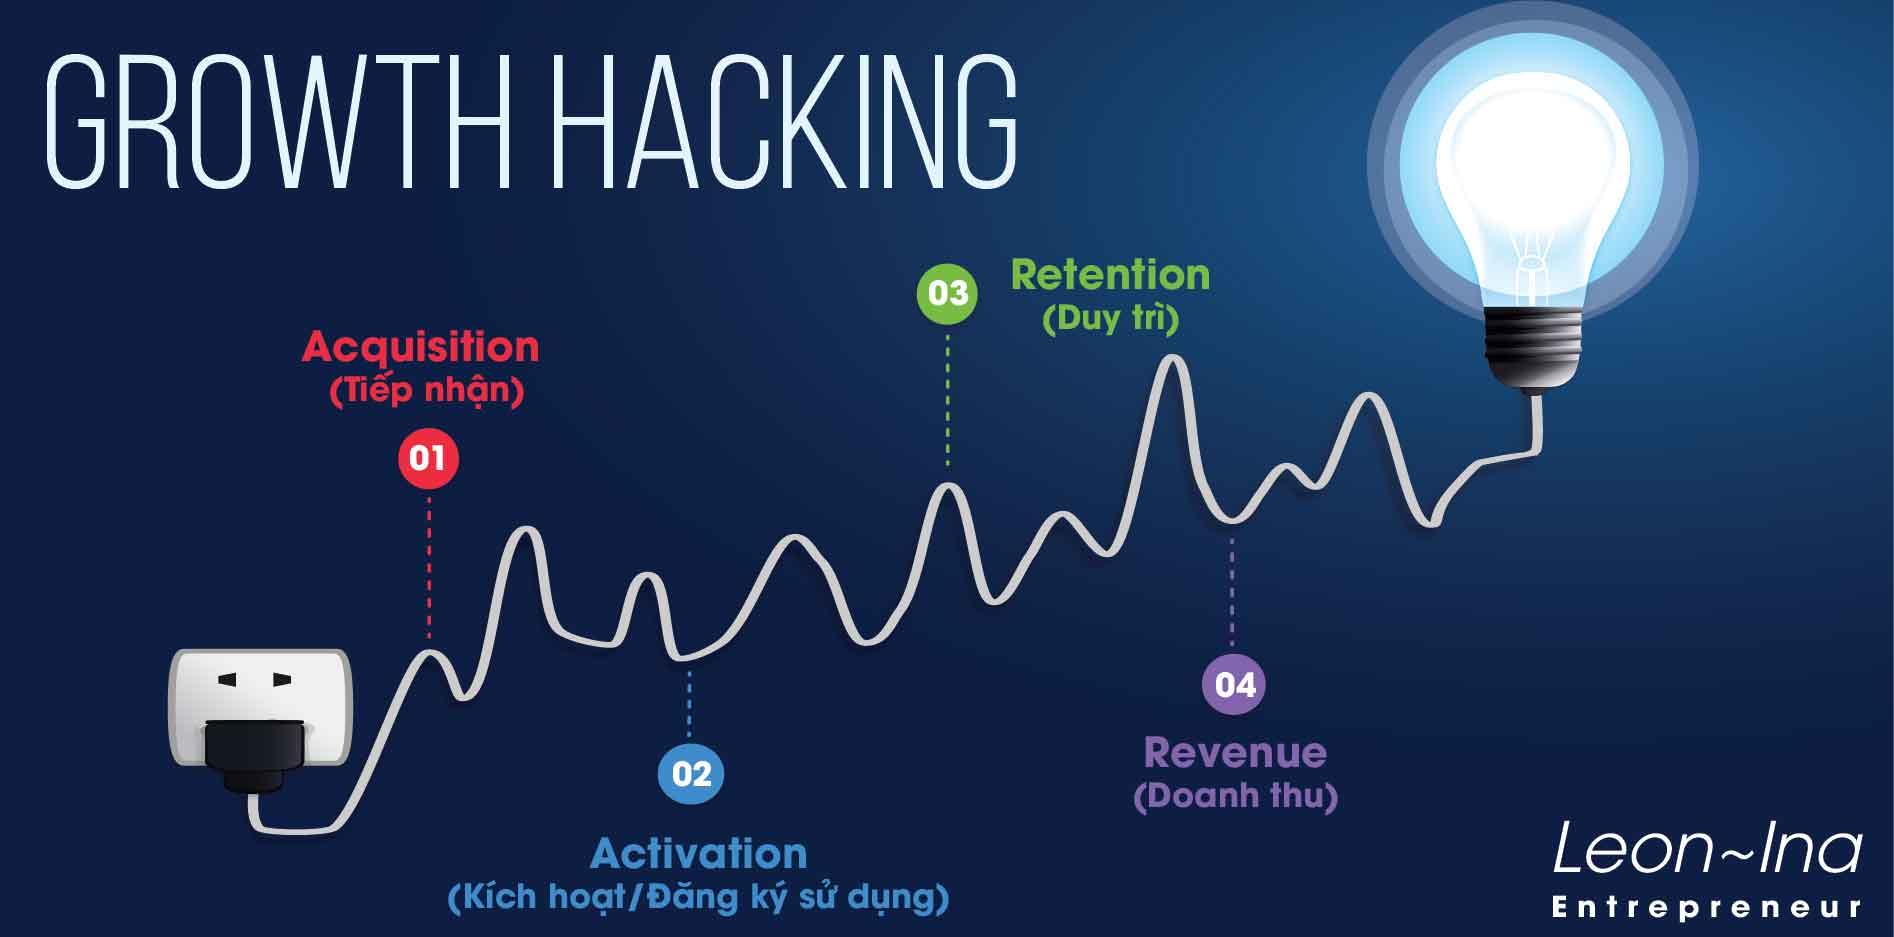 Growth Hacking: Công thức tăng trưởng đột phá cho startup (Phần 2)